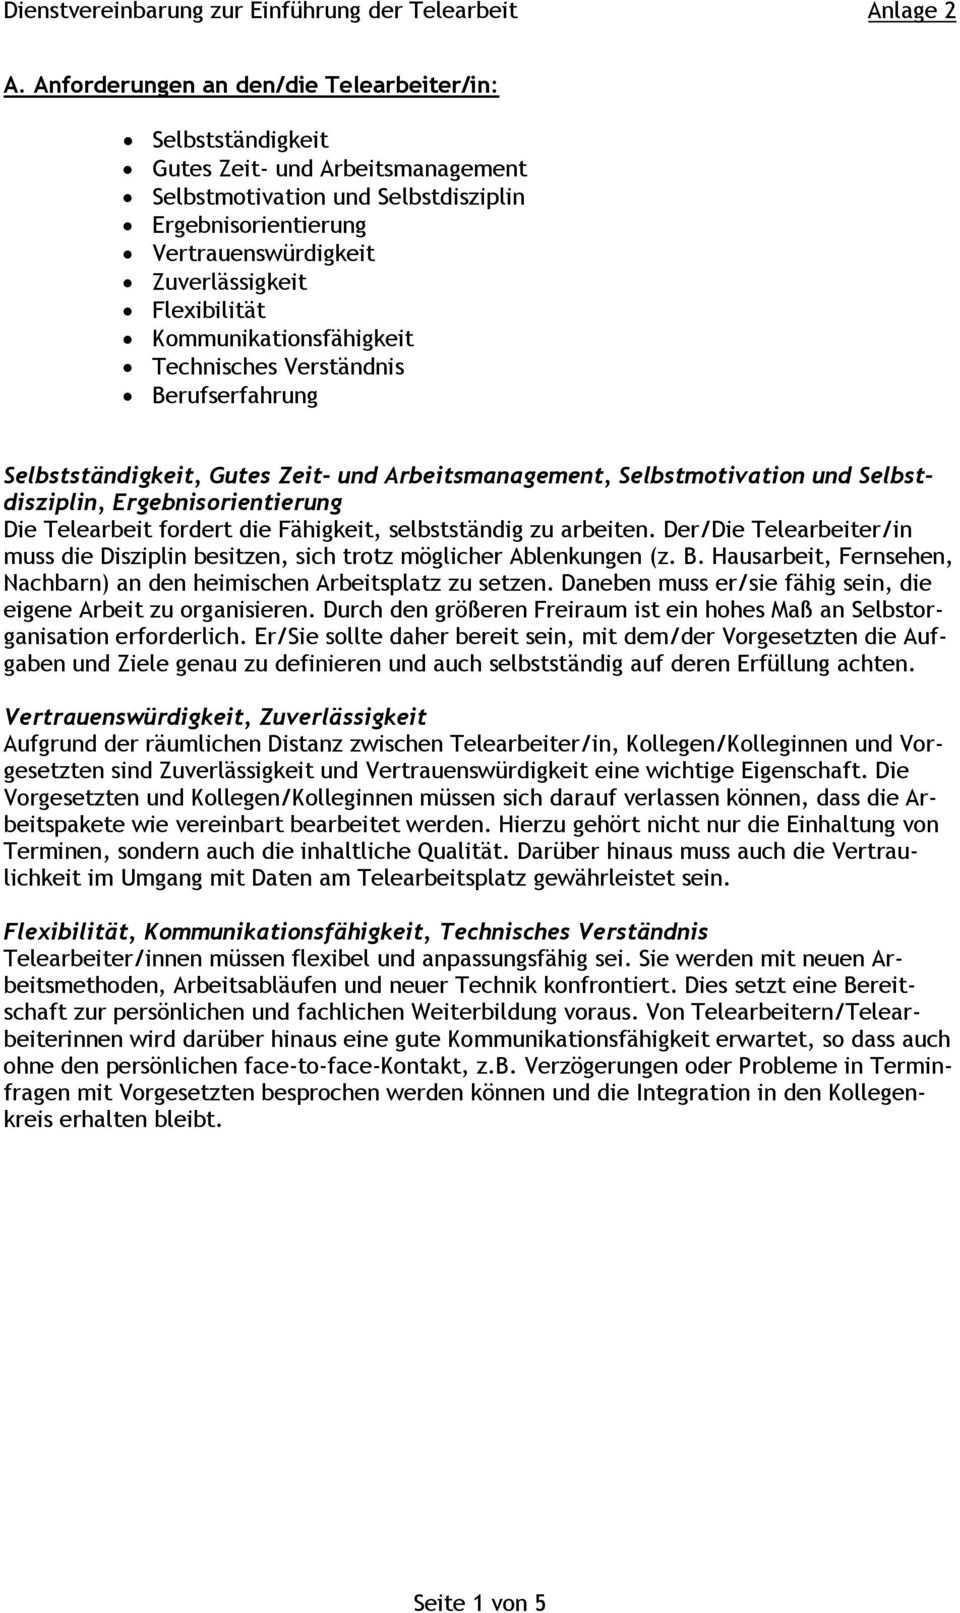 Dienstvereinbarung Zur Einfuhrung Der Telearbeit Anlage 2 Pdf Free Download